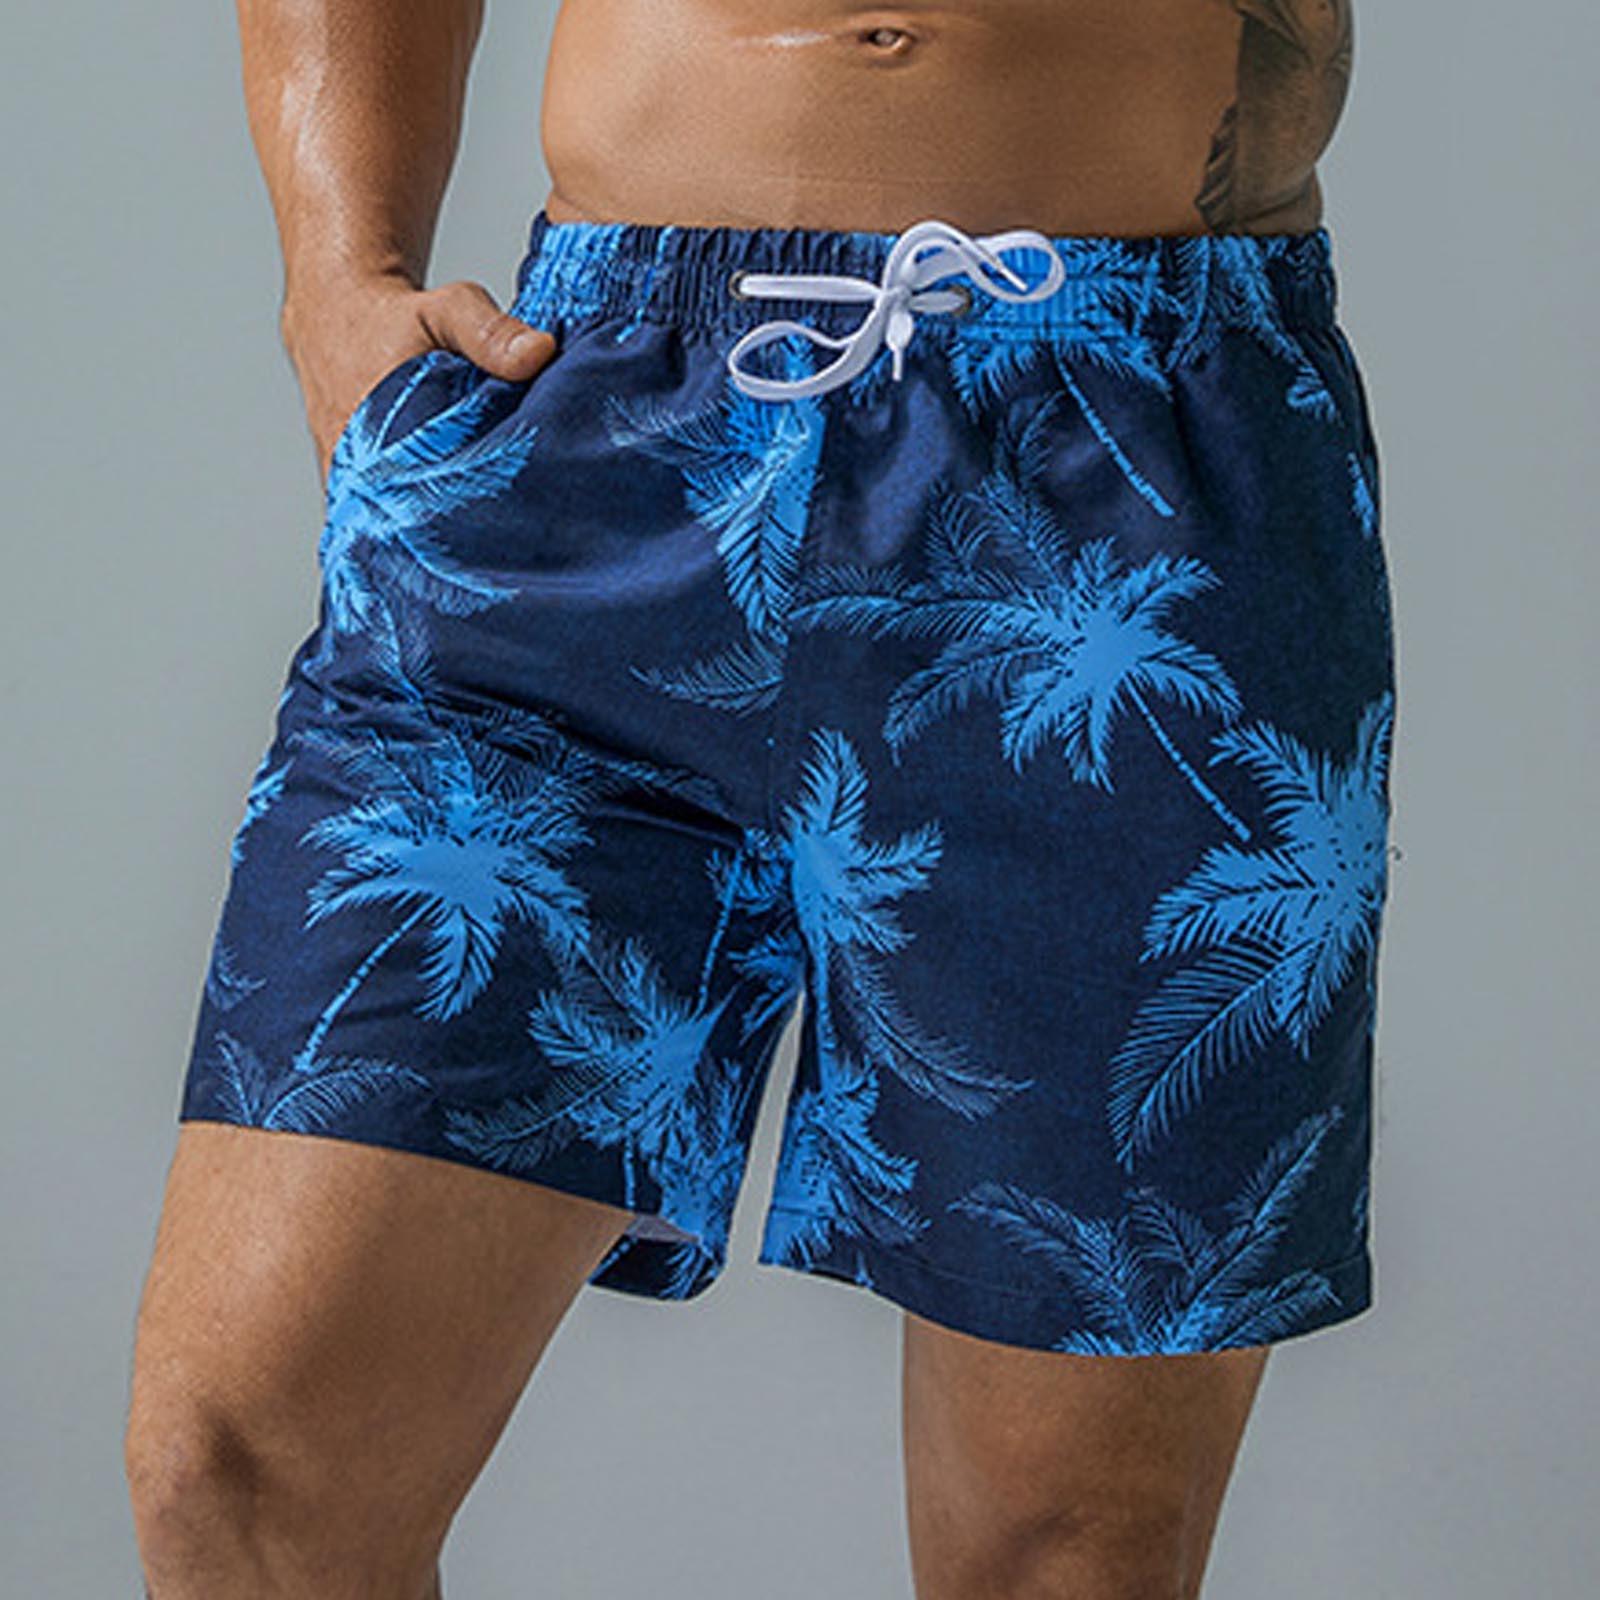 Мужские плавки, быстросохнущие пляжные шорты для плавания, купальный костюм, одежда для серфинга, бега, плавания, летние шорты на шнуровке, ш...